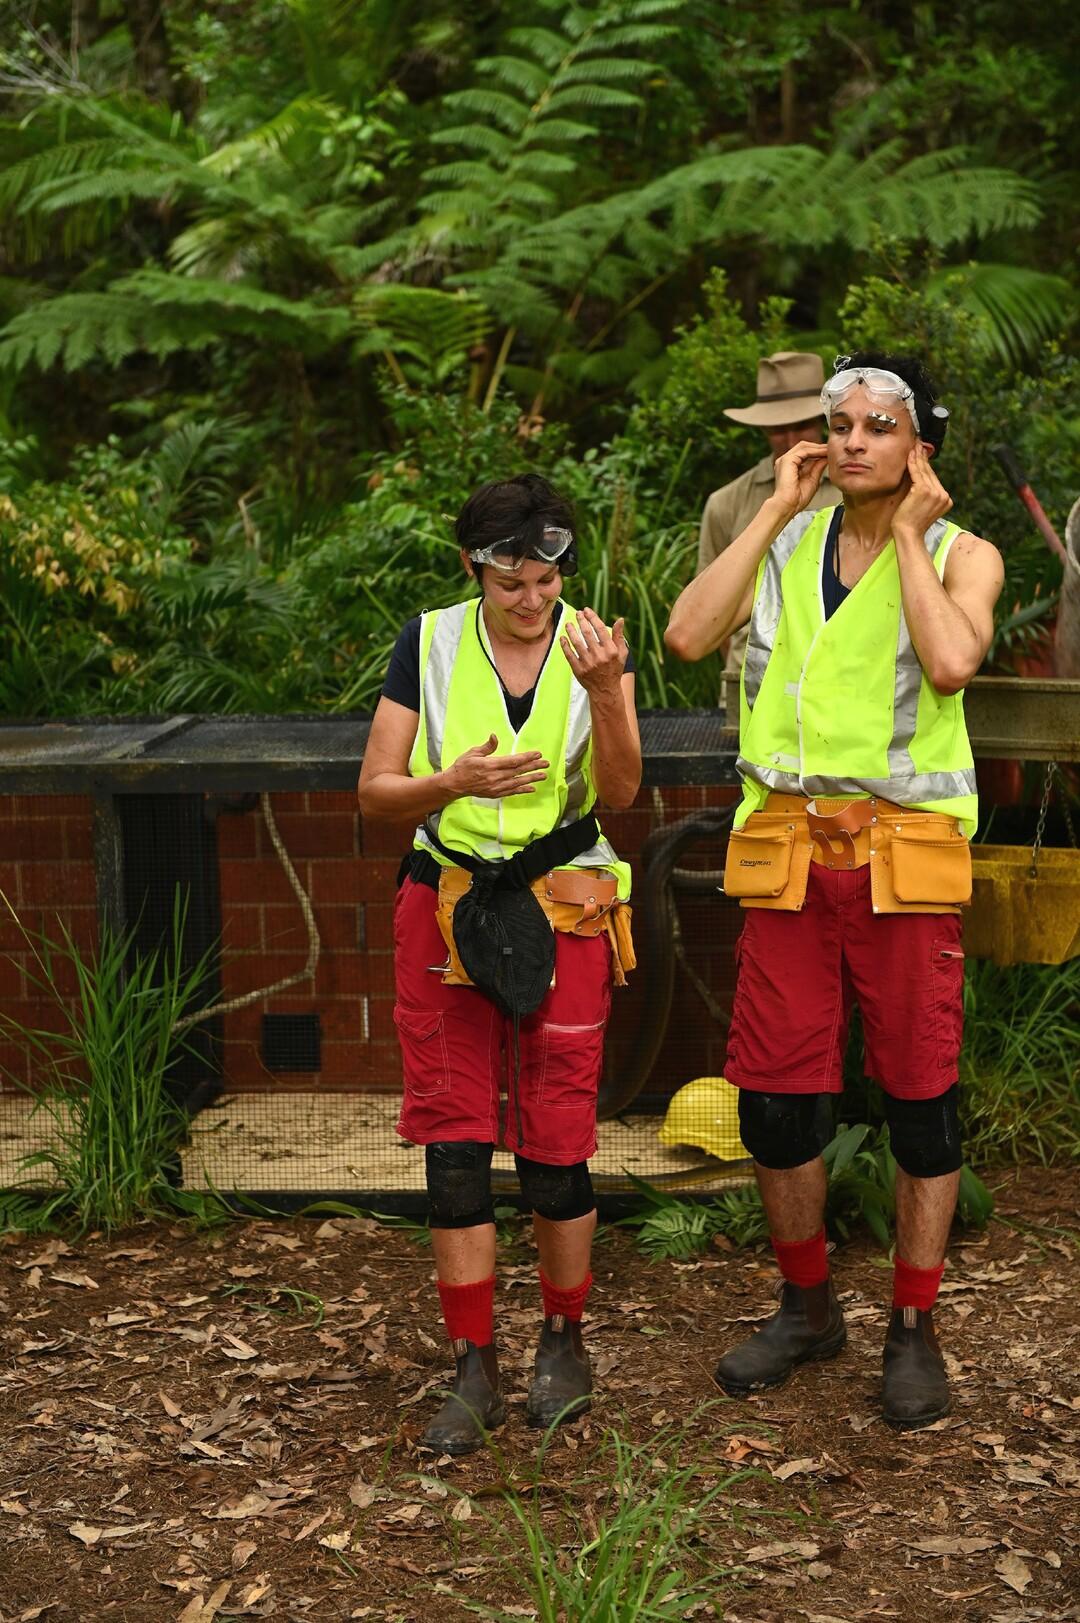 Dschungelcamp 2020: Tag 10 - Elena zeigt Schwäche - Bild 1 von 77